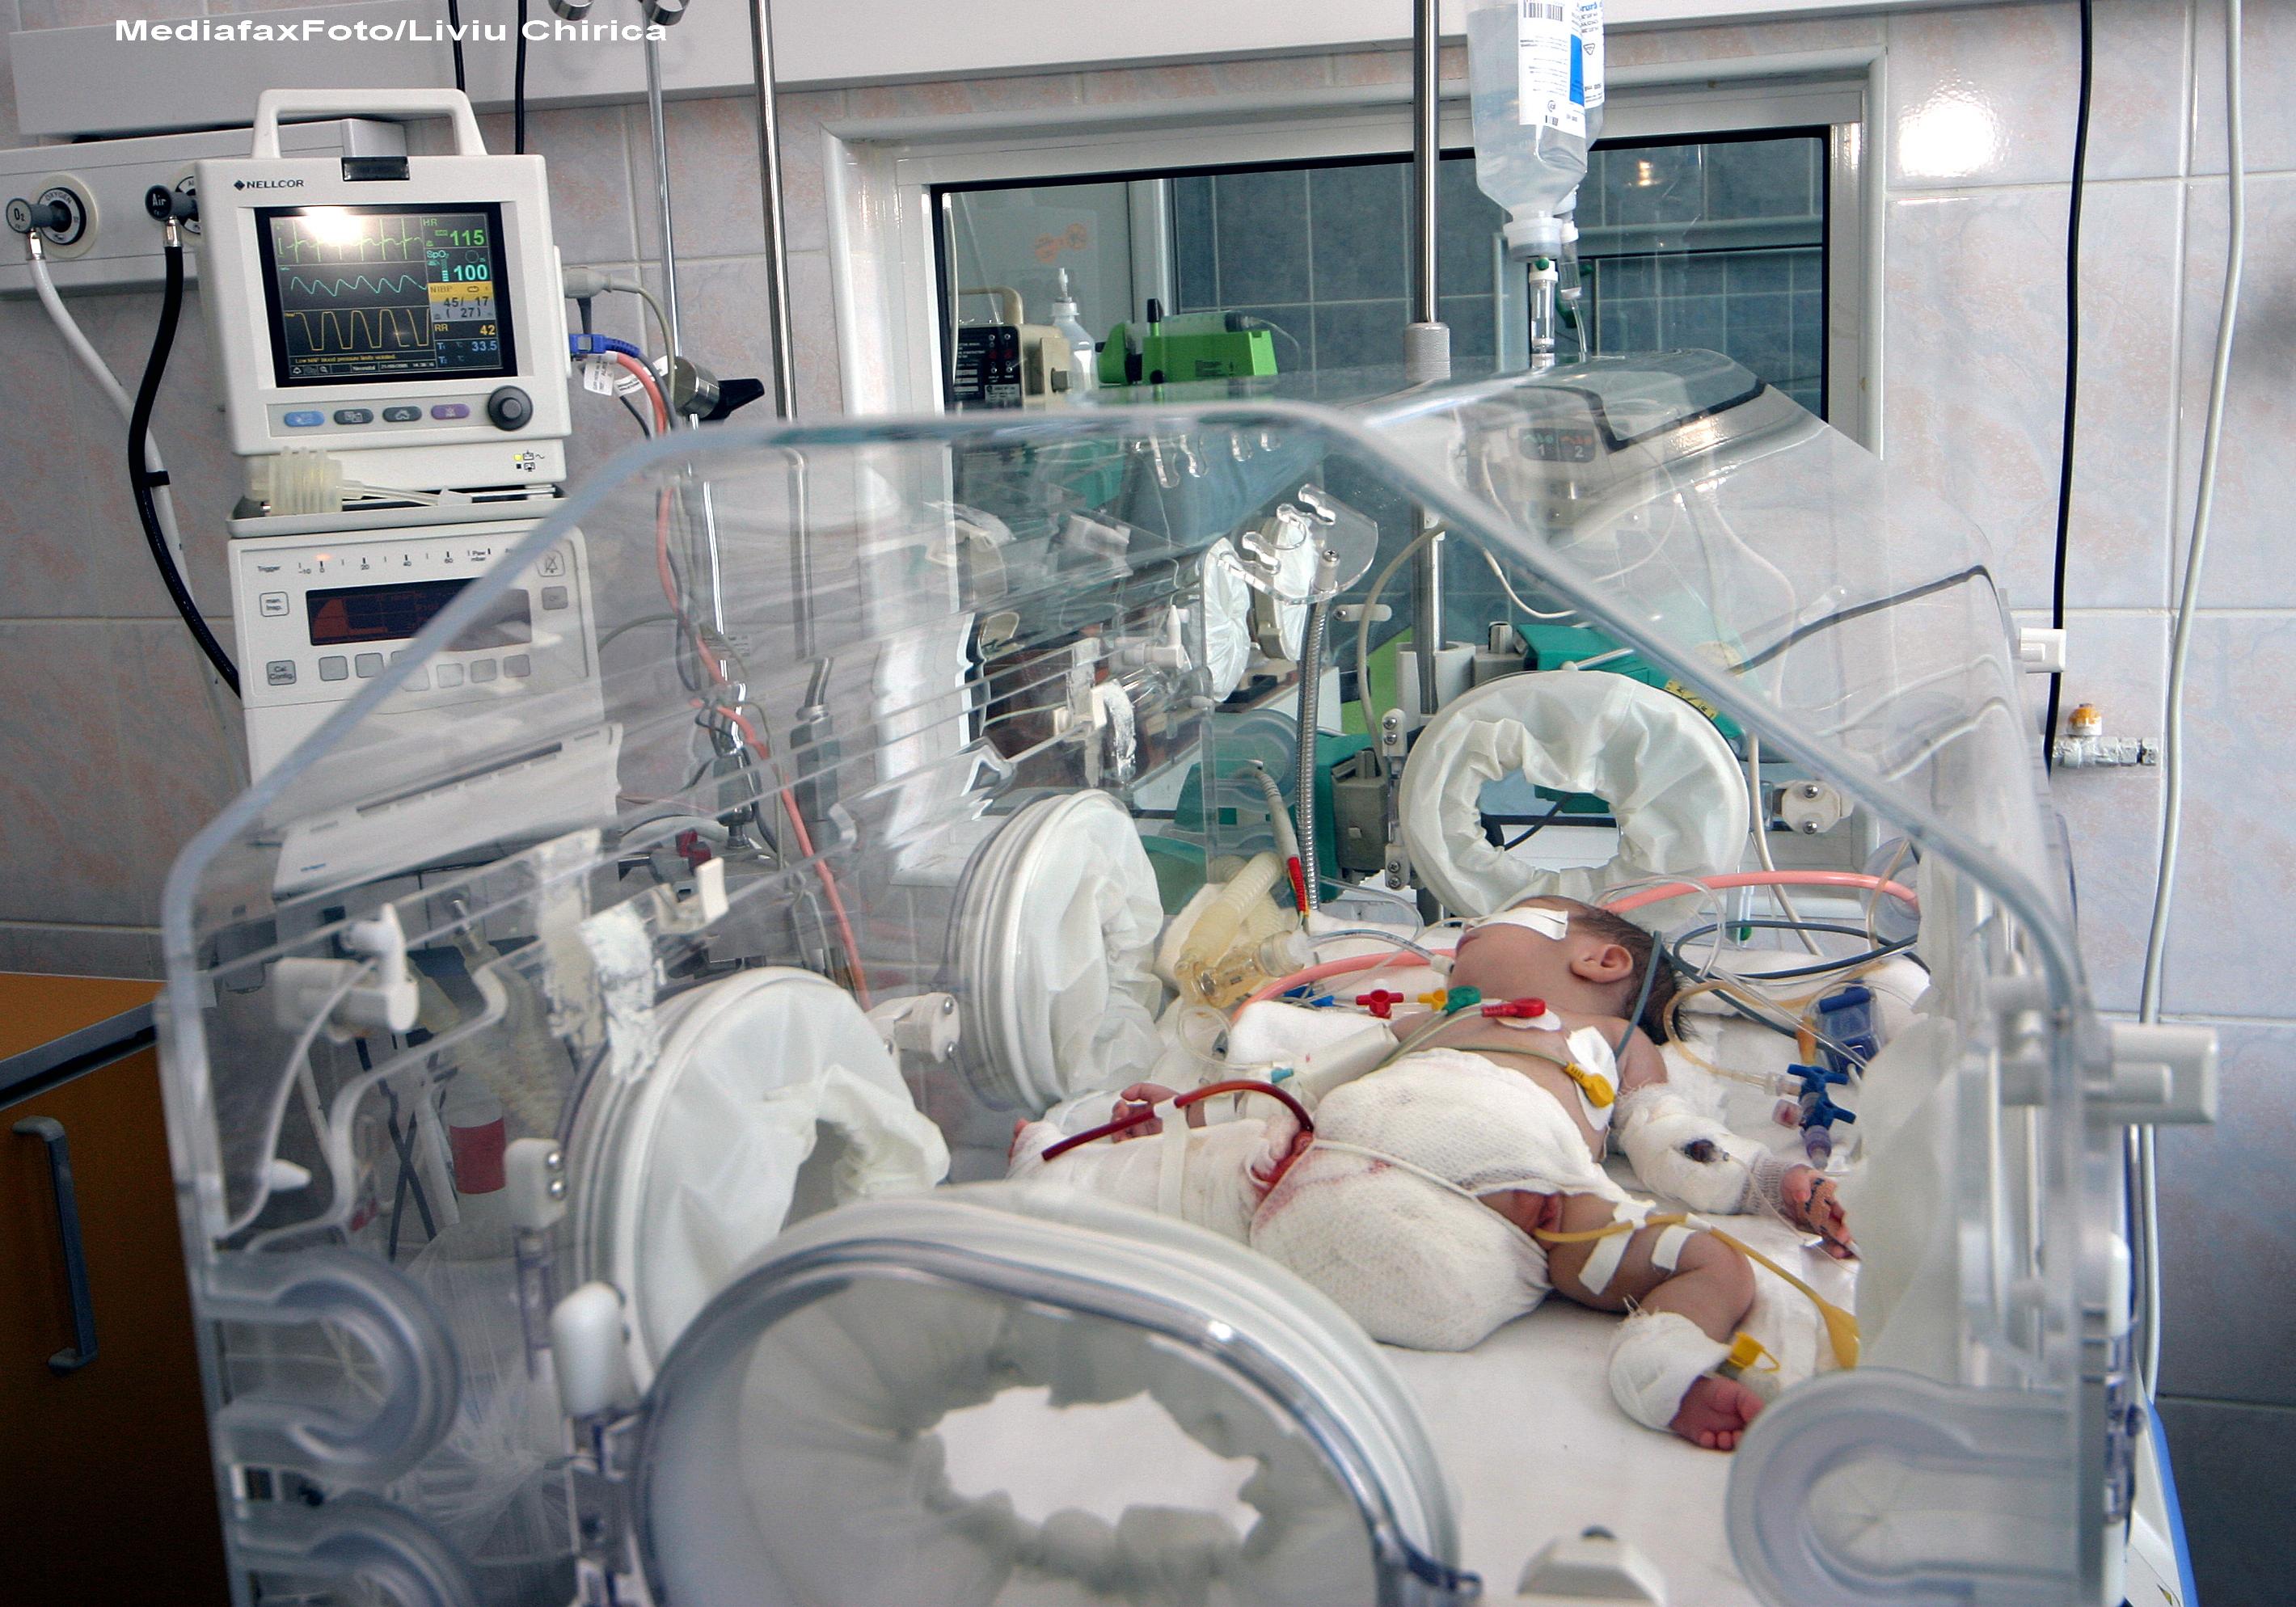 Vesti bune de la medici pentru siamezele din Pitesti. Fetitele nu au malformatii craniene